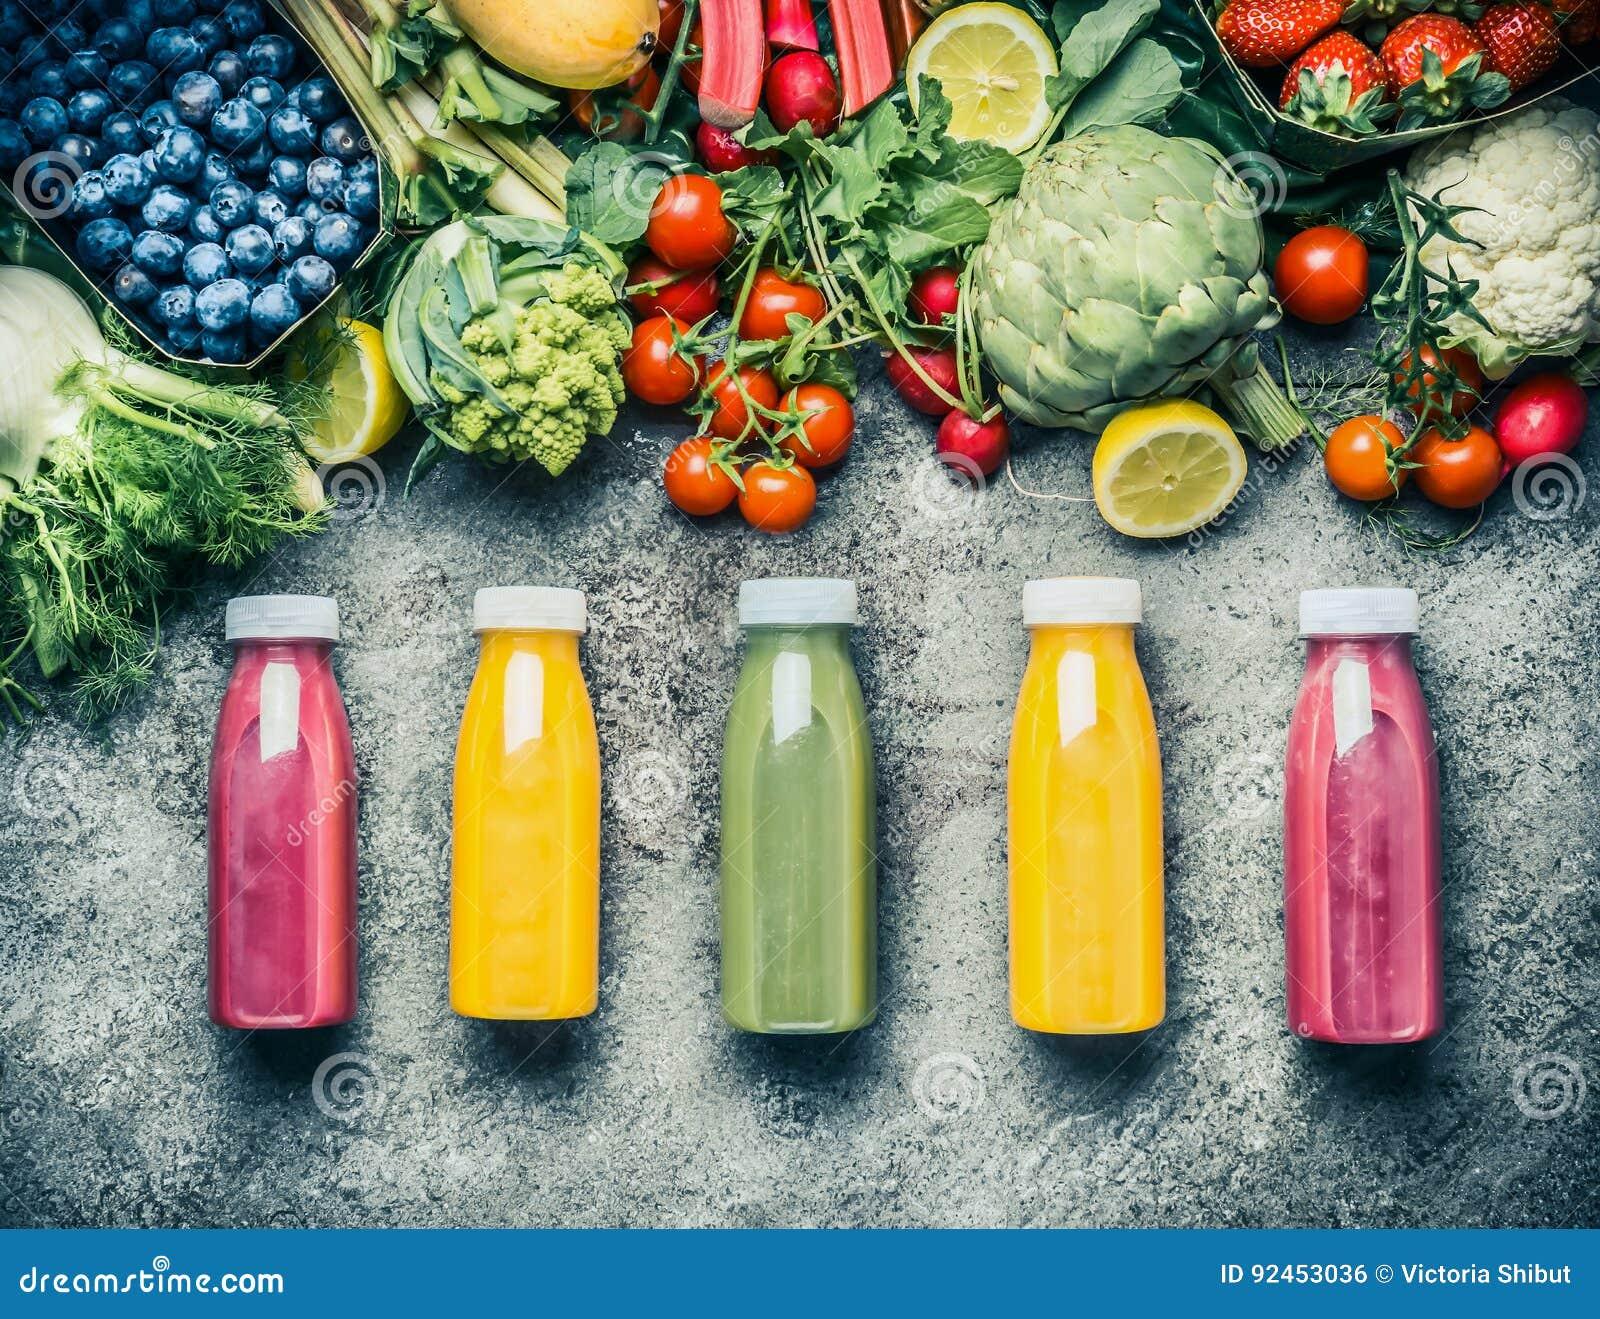 Verscheidenheid van kleurrijke Smoothies of de drankendranken van sappenflessen met diverse verse ingrediënten: vruchten, bessen